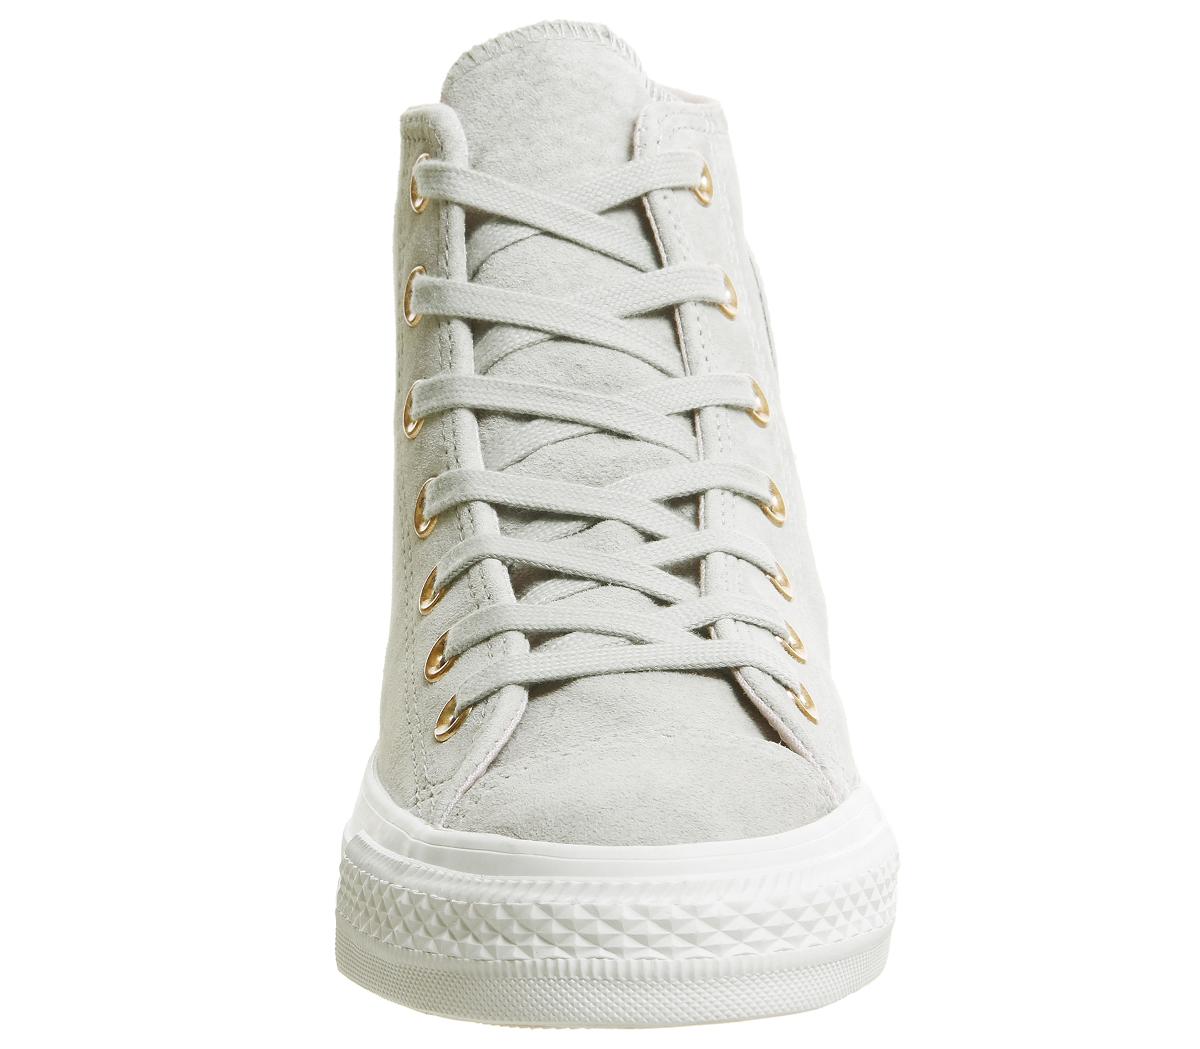 ef3b2aeadbdc0 Chaussures Femme Converse All Star Hi Cuir Ash Gris À Peine Blanc ...